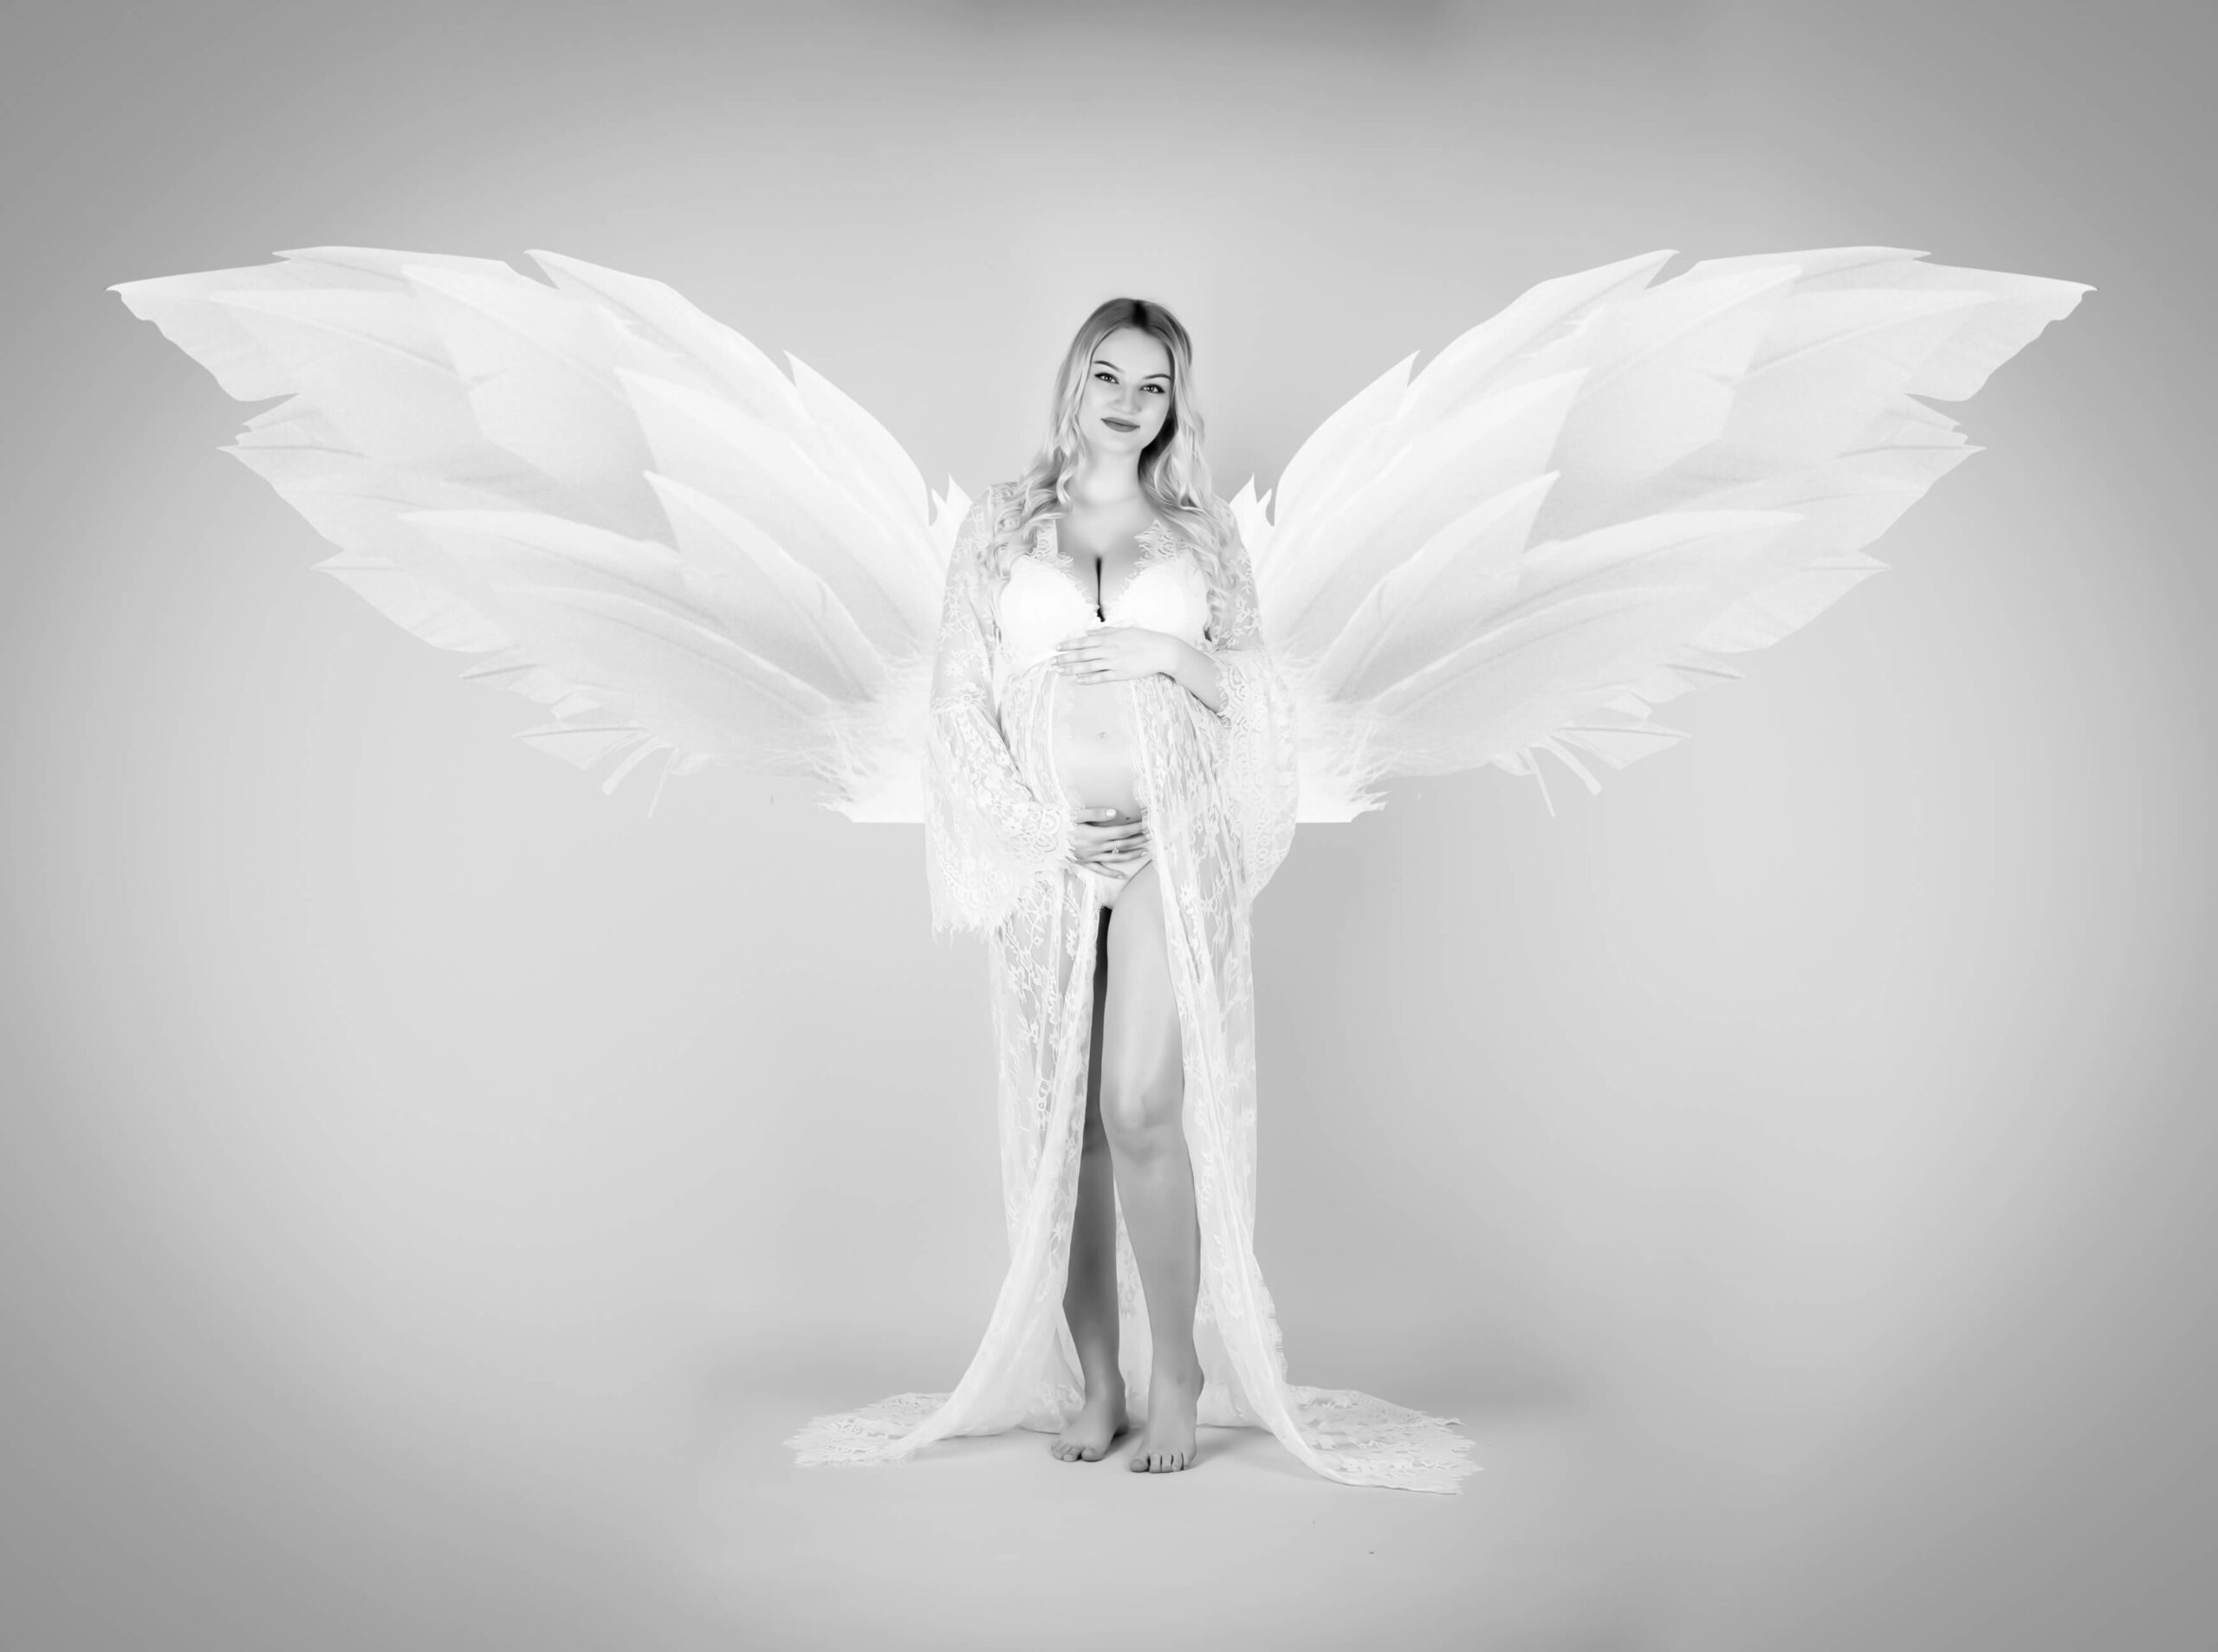 Fotografia tehotnej ženy s anjelskými krídlami - Kitti Photo